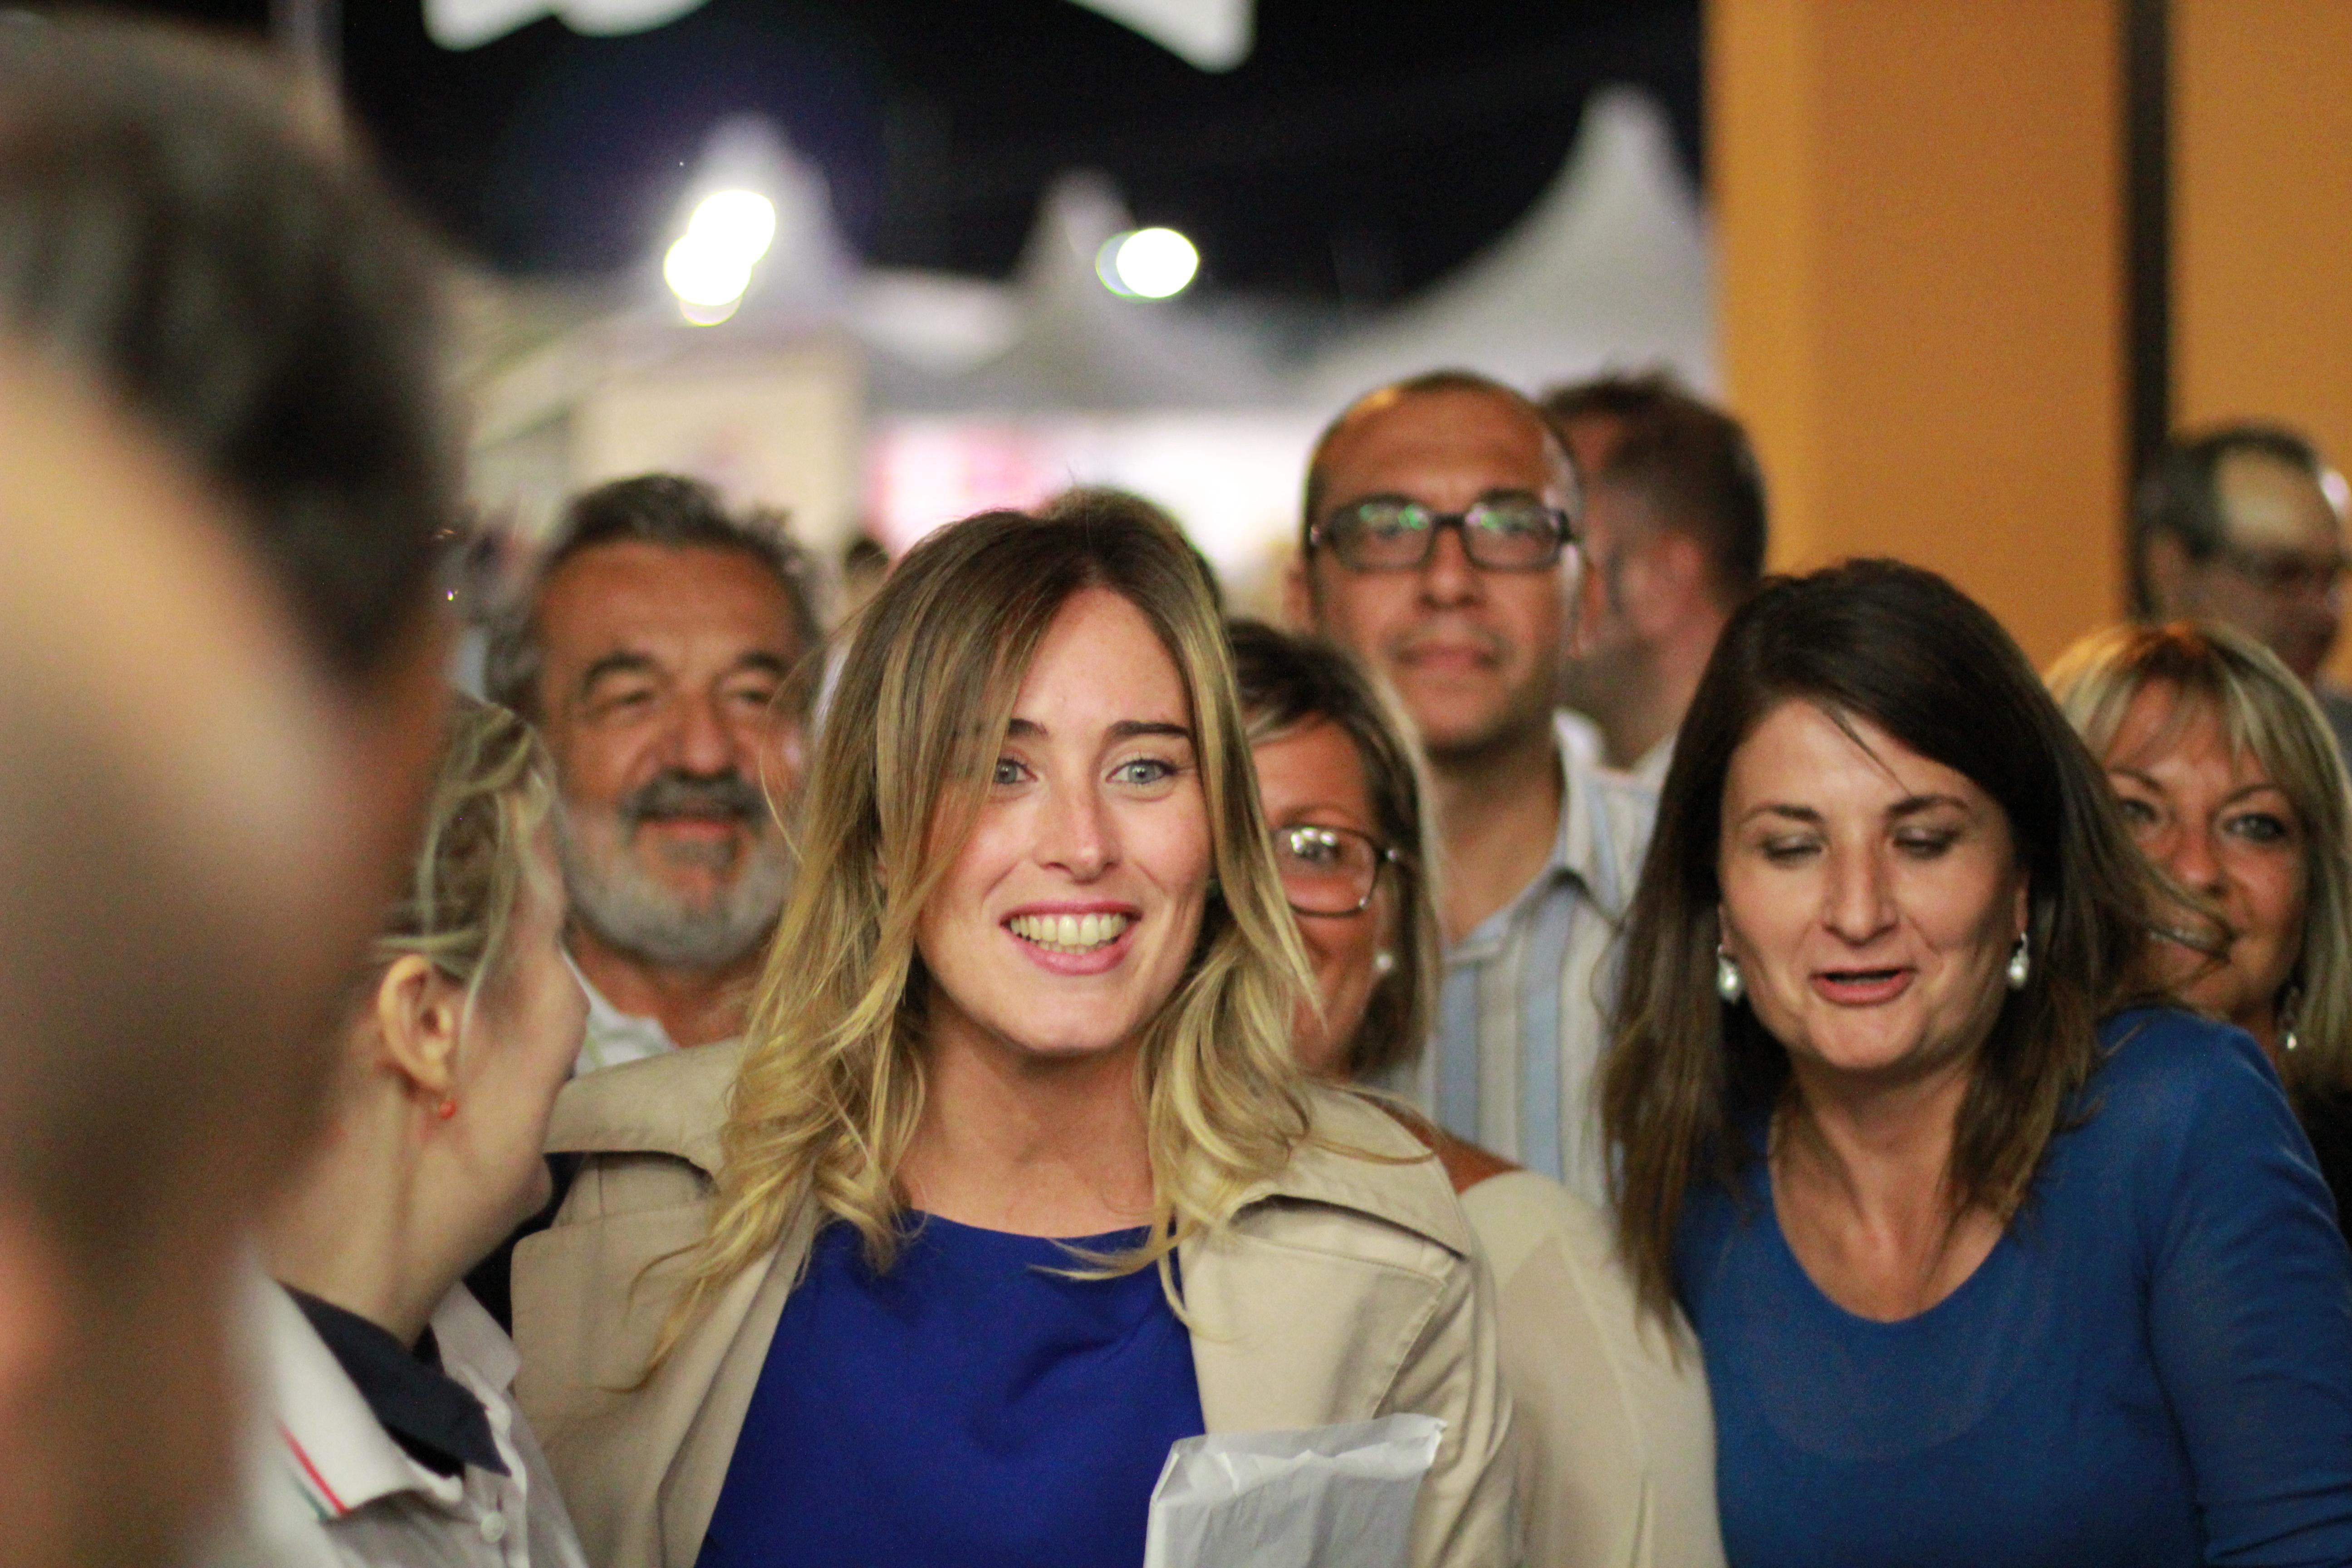 Banca Etruria Scandalo Derby De Bortoli Boschi Ma Ghizzoni Che Fa